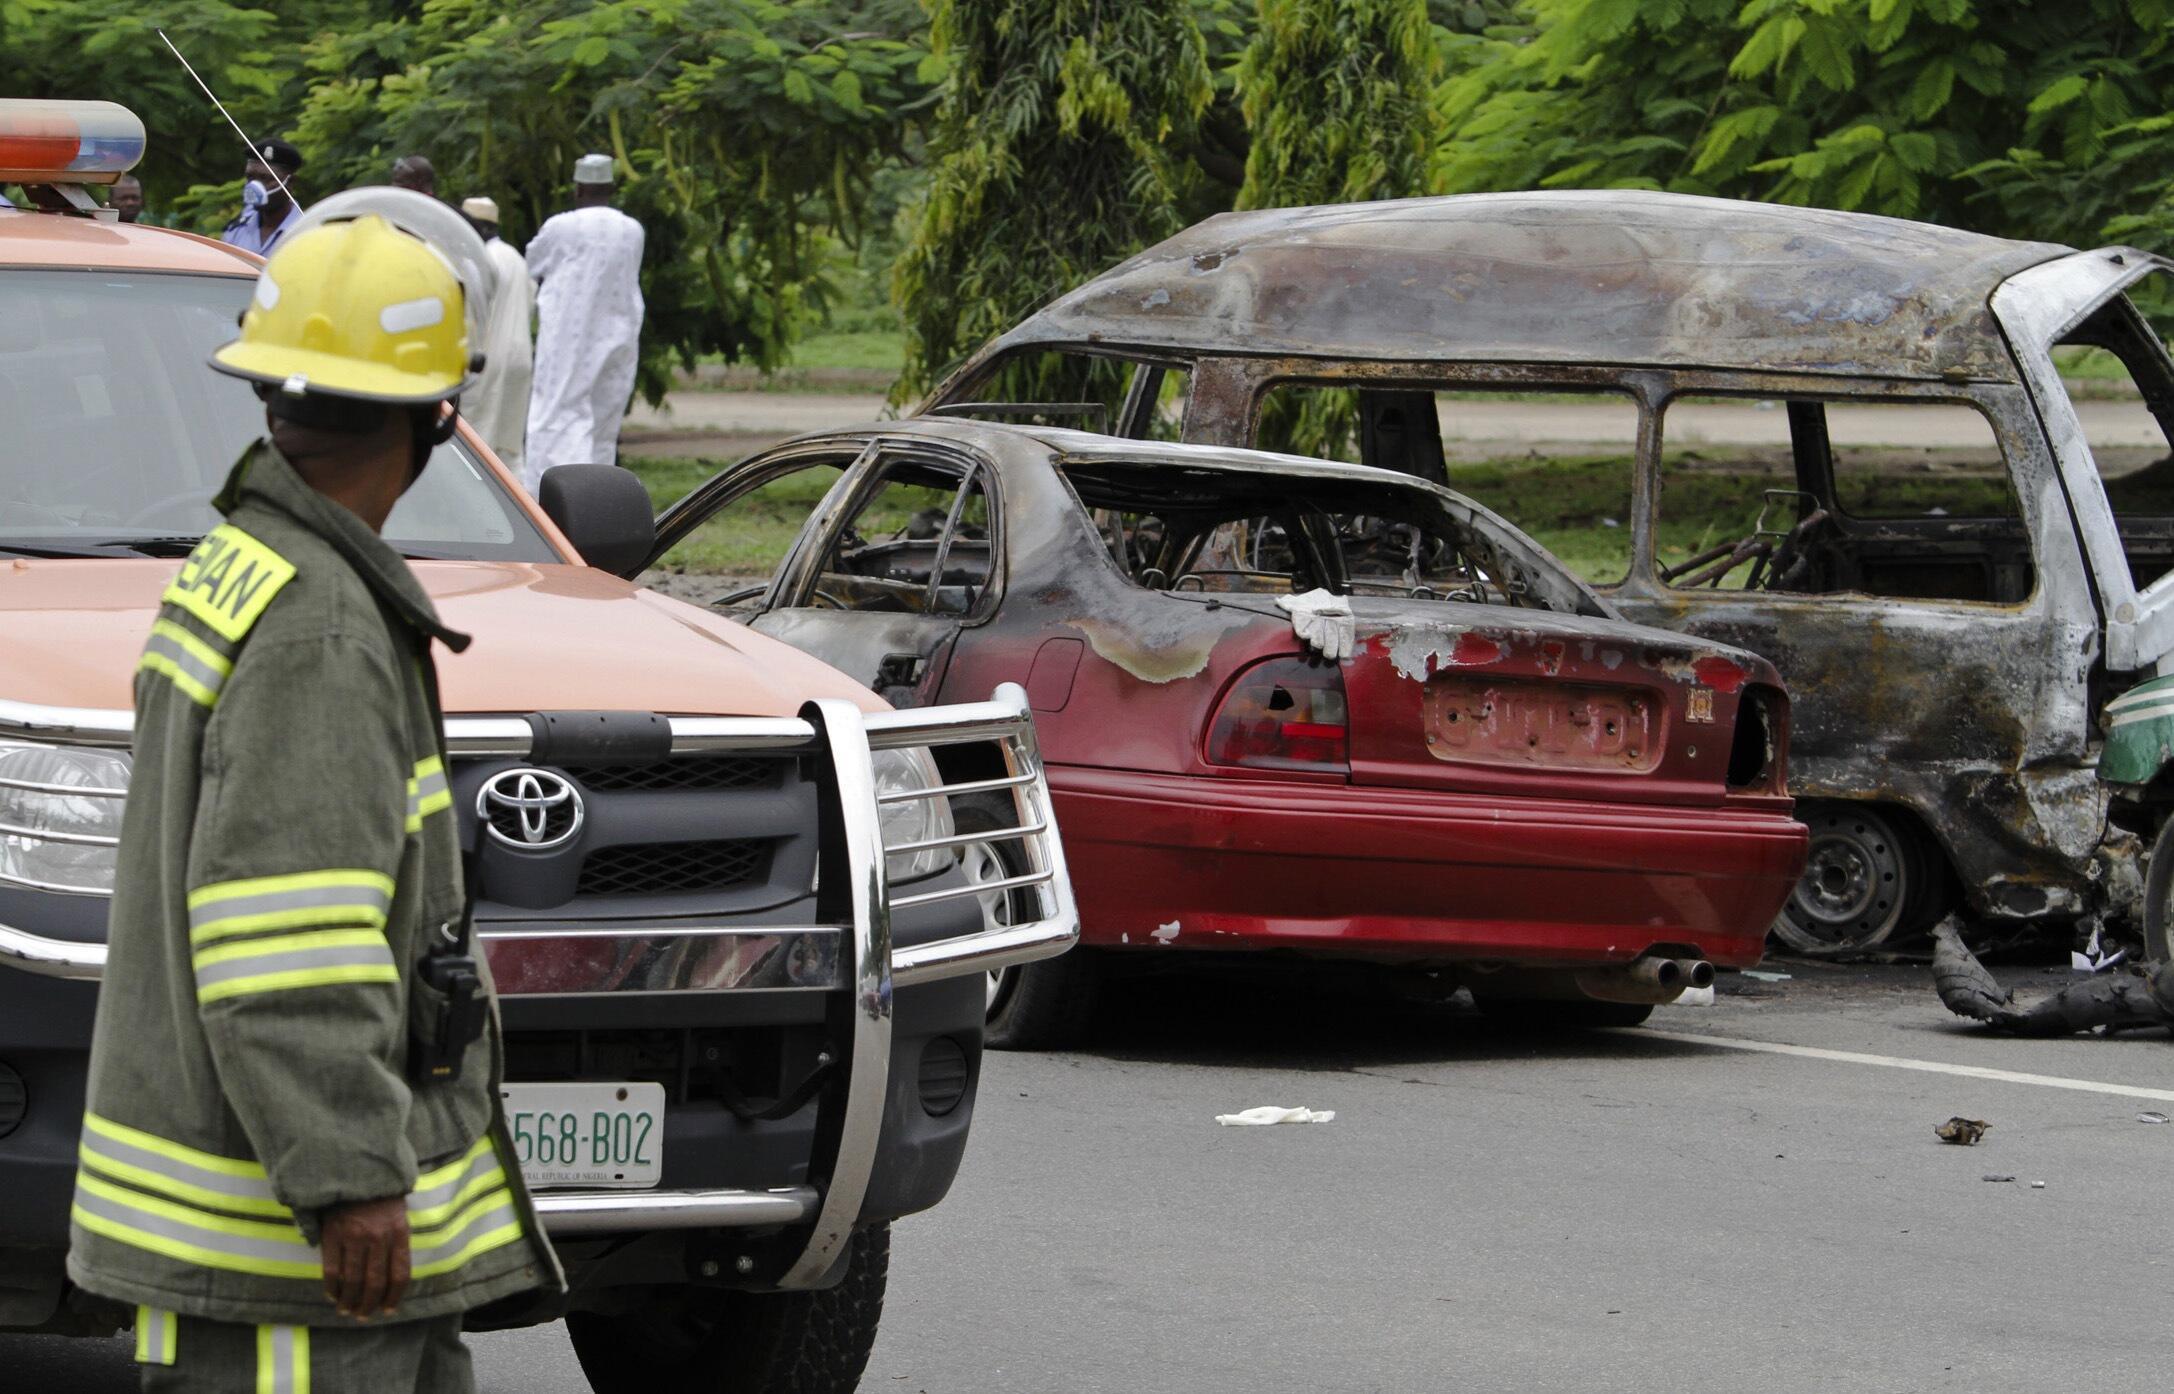 The bomb scene in Abuja on 1 October 2010